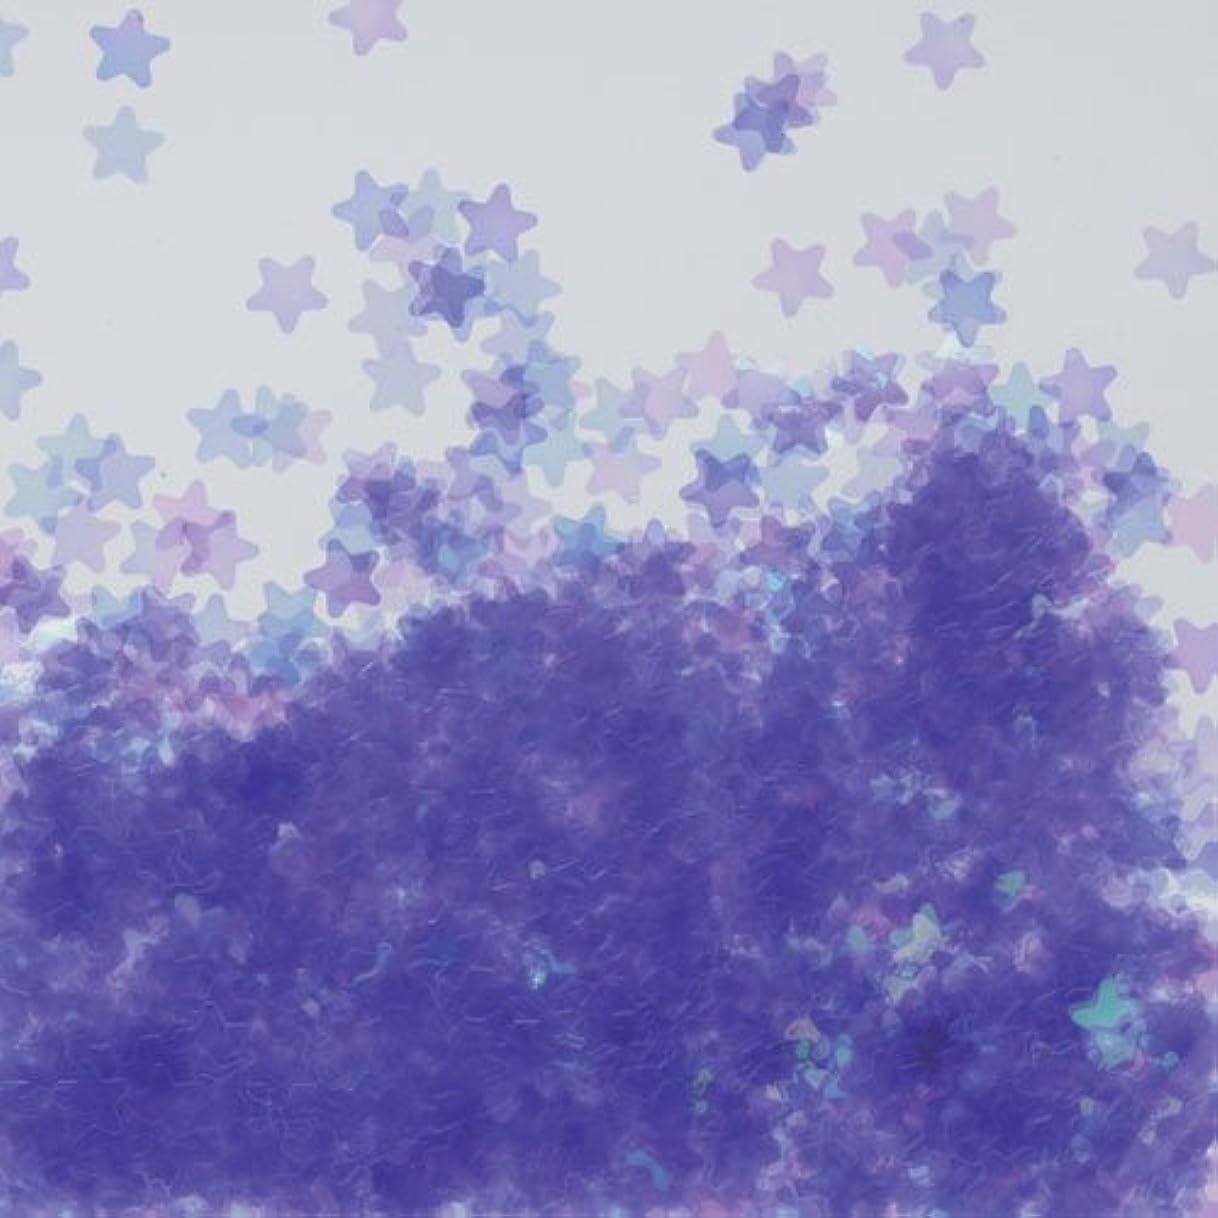 旅行東方オーバーランピカエース ネイル用パウダー 星オーロラ 耐溶剤 #766 パープル 0.5g